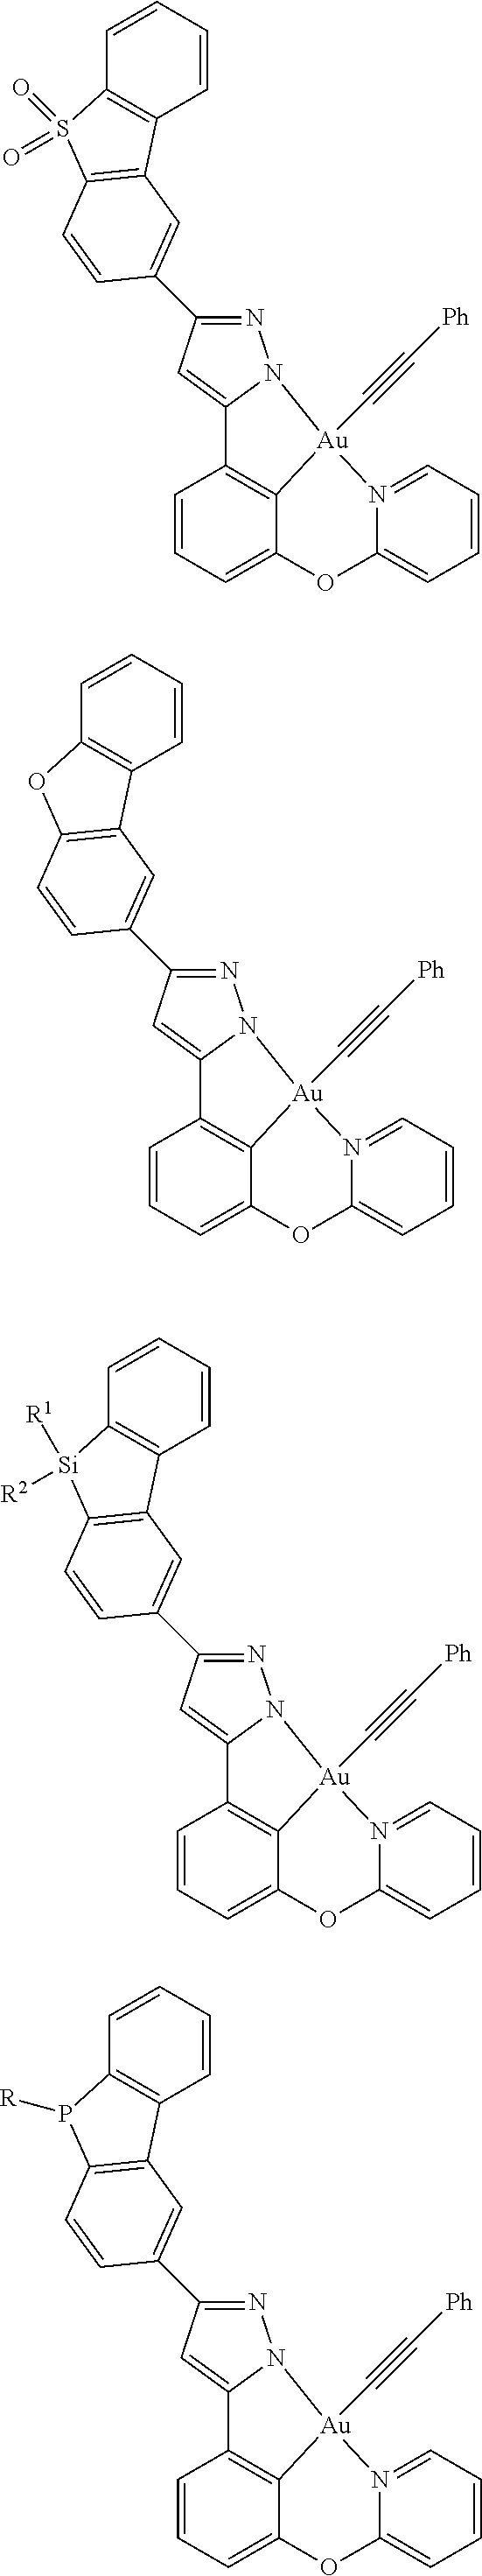 Figure US09818959-20171114-C00222